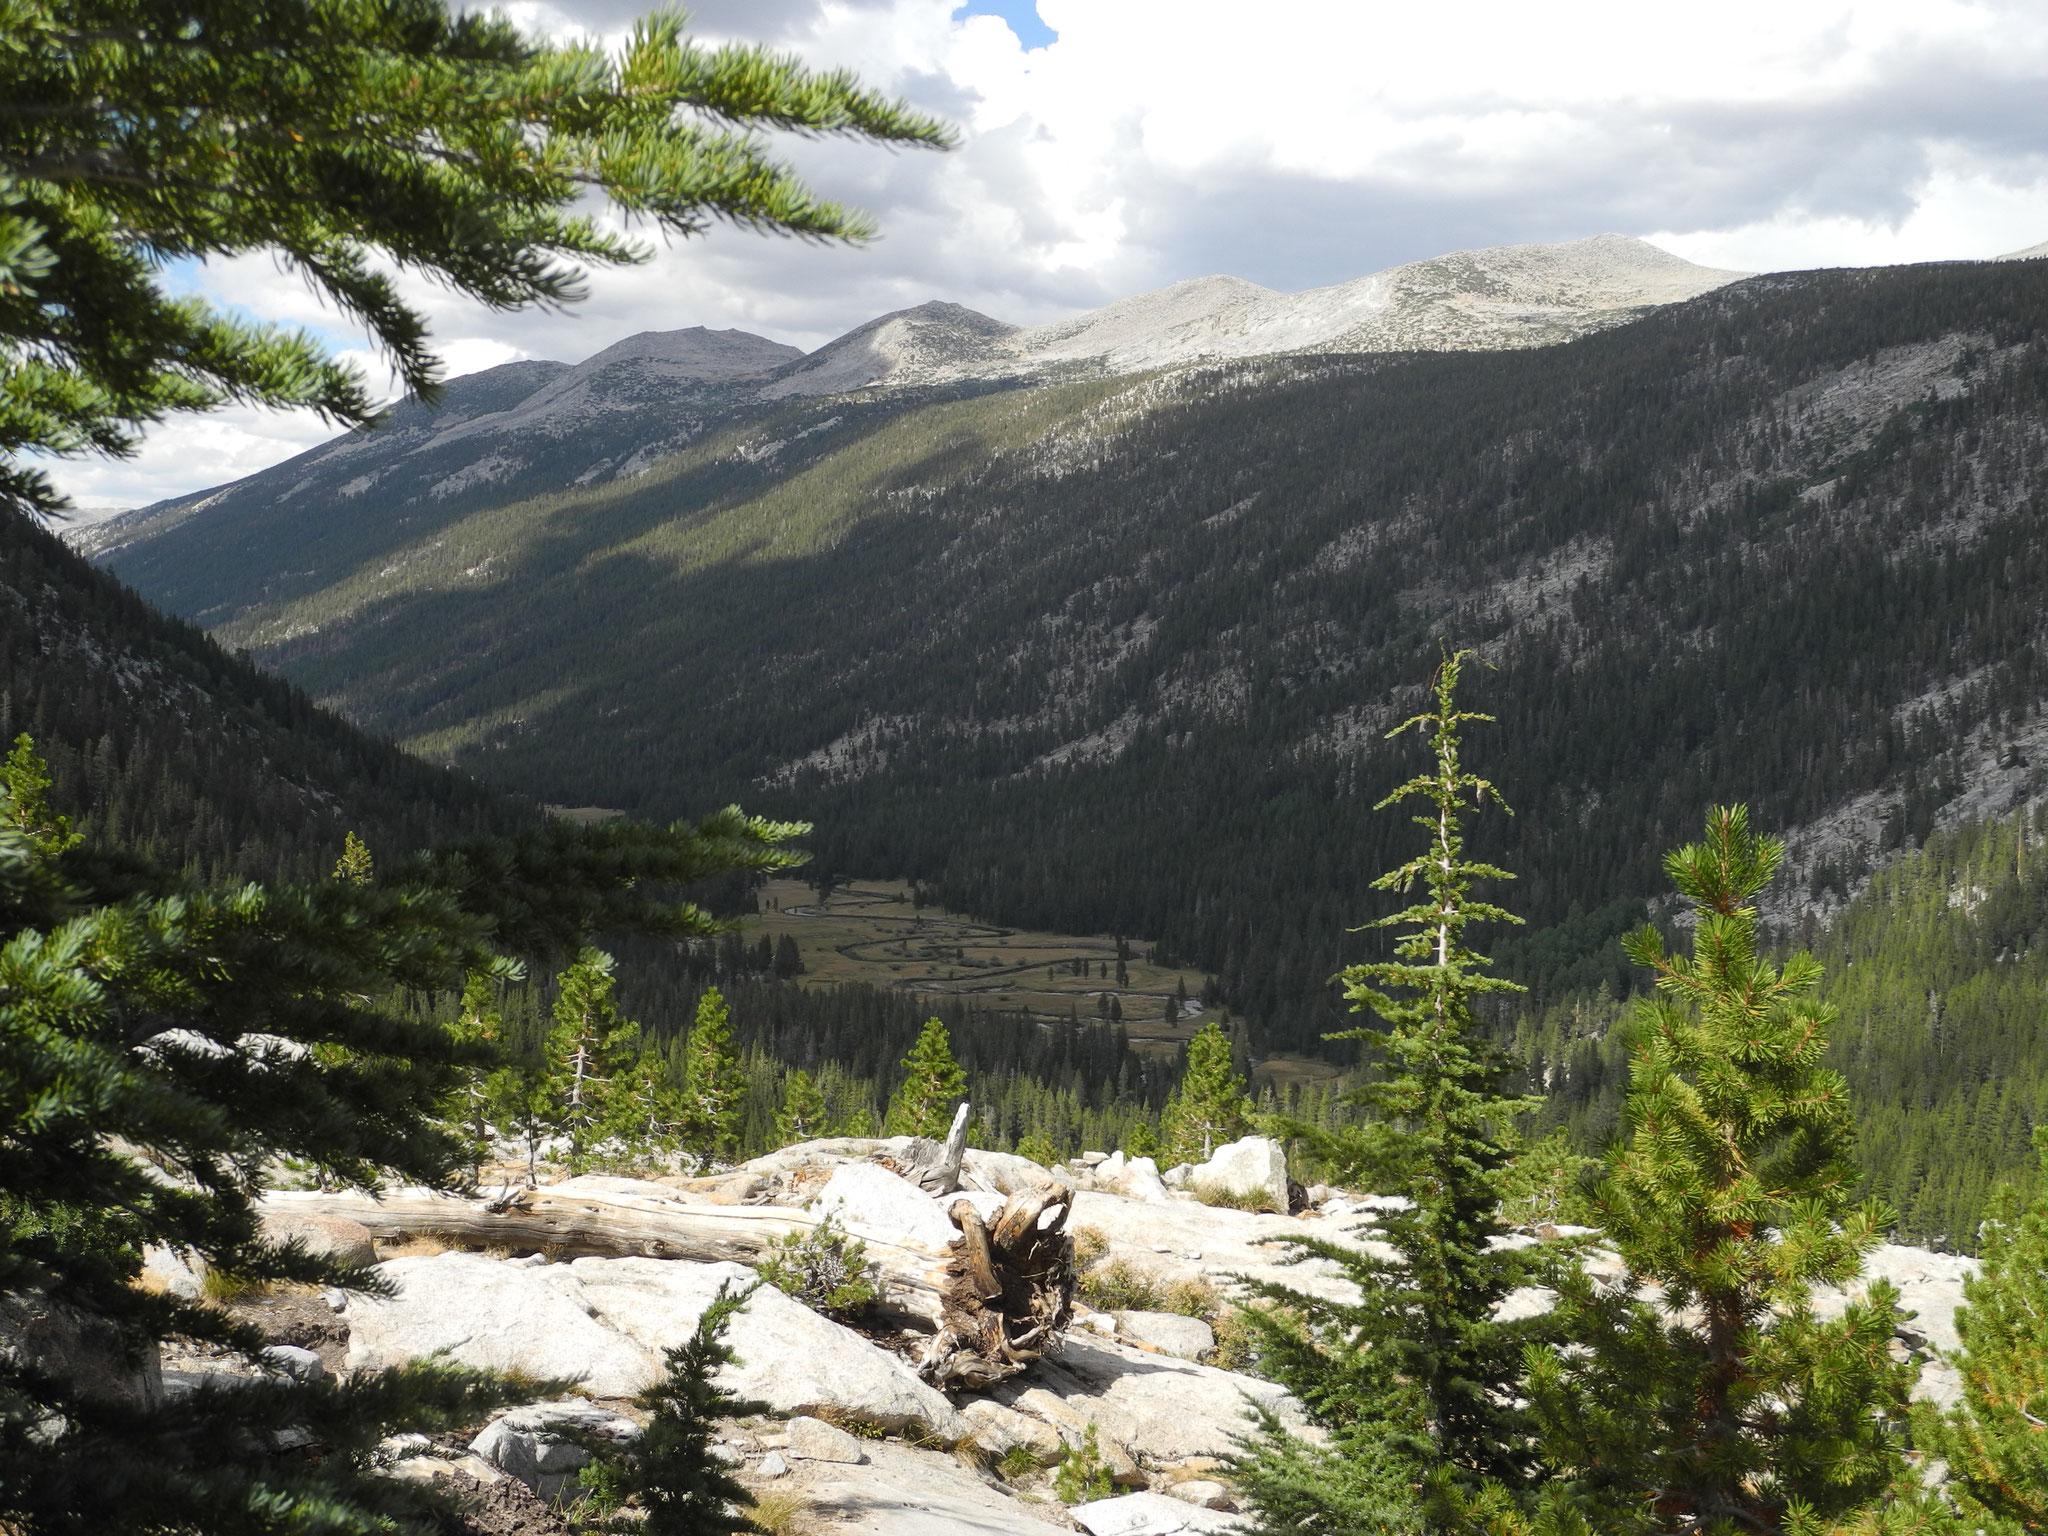 Camp 3 wird im Lyell Canyon sein. Das Tal ruft.